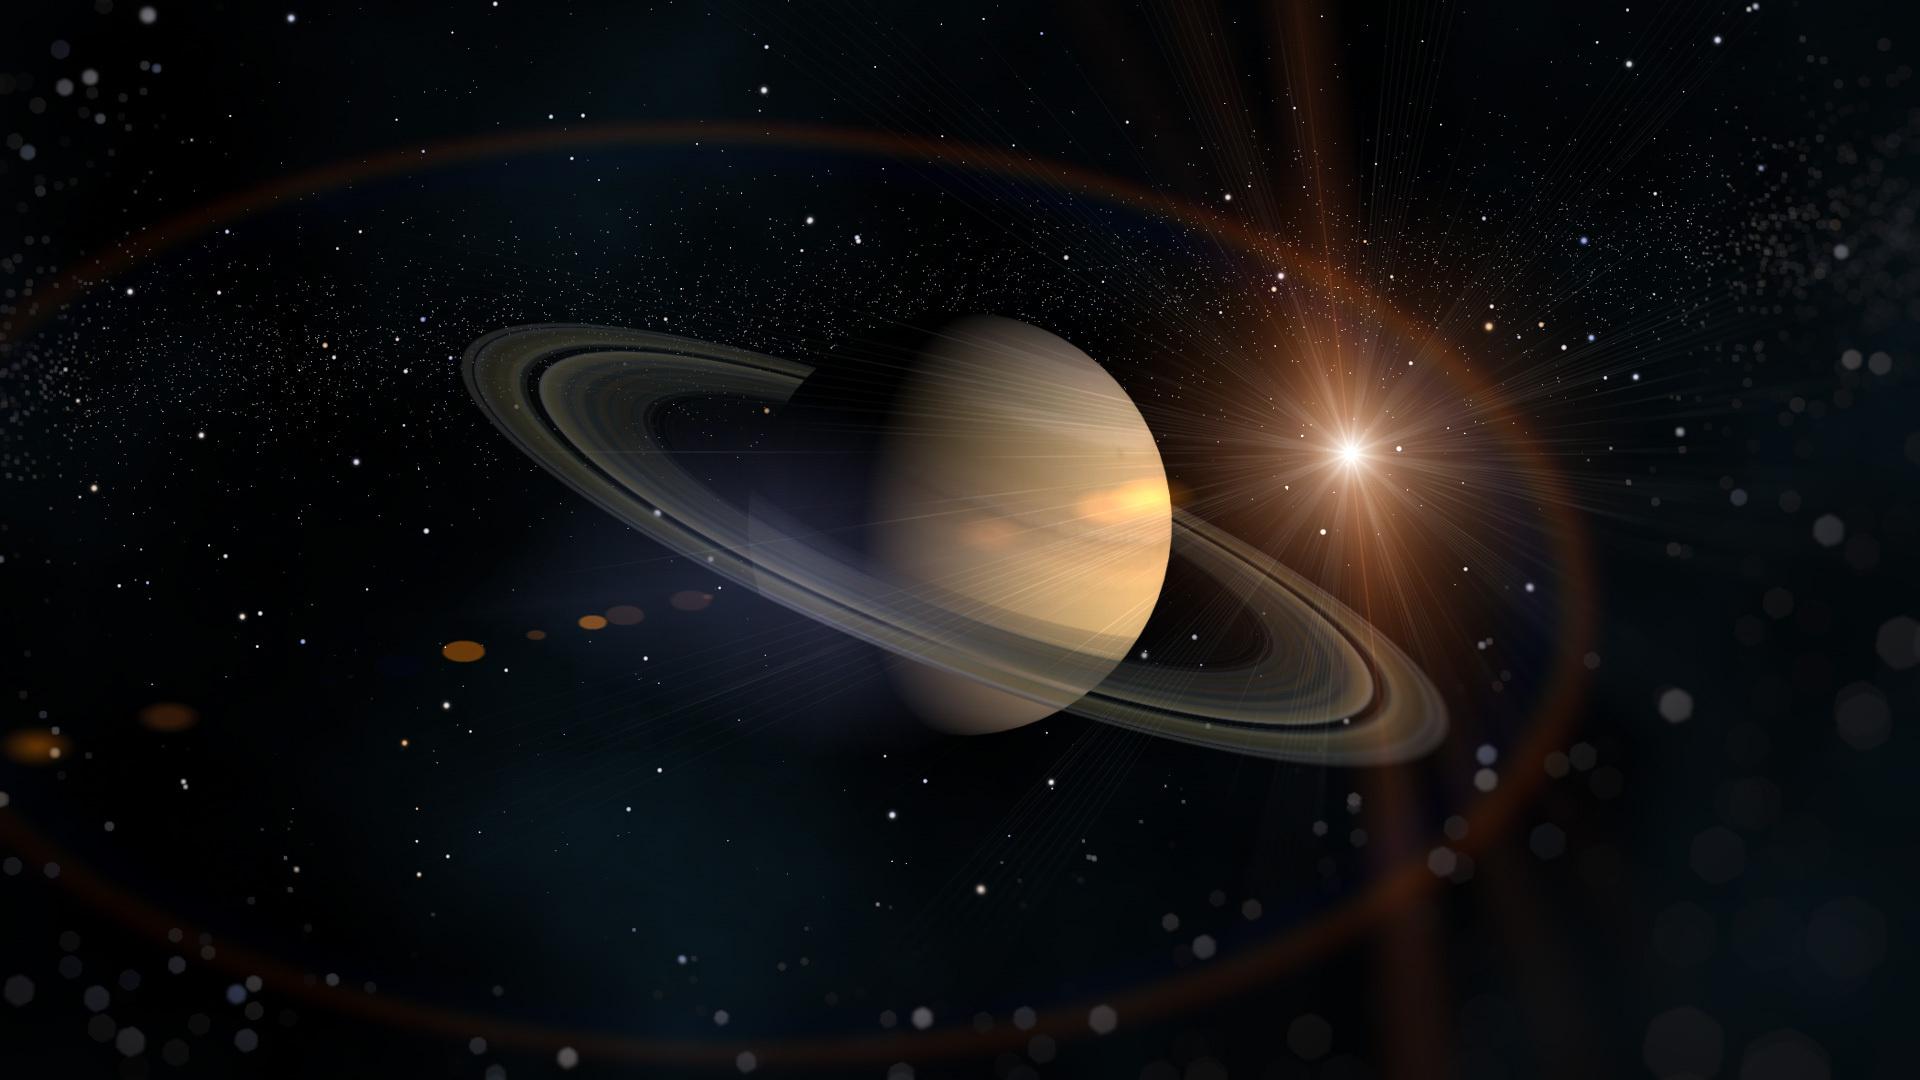 карие глаза картинки космос планеты сатурн уходящий год